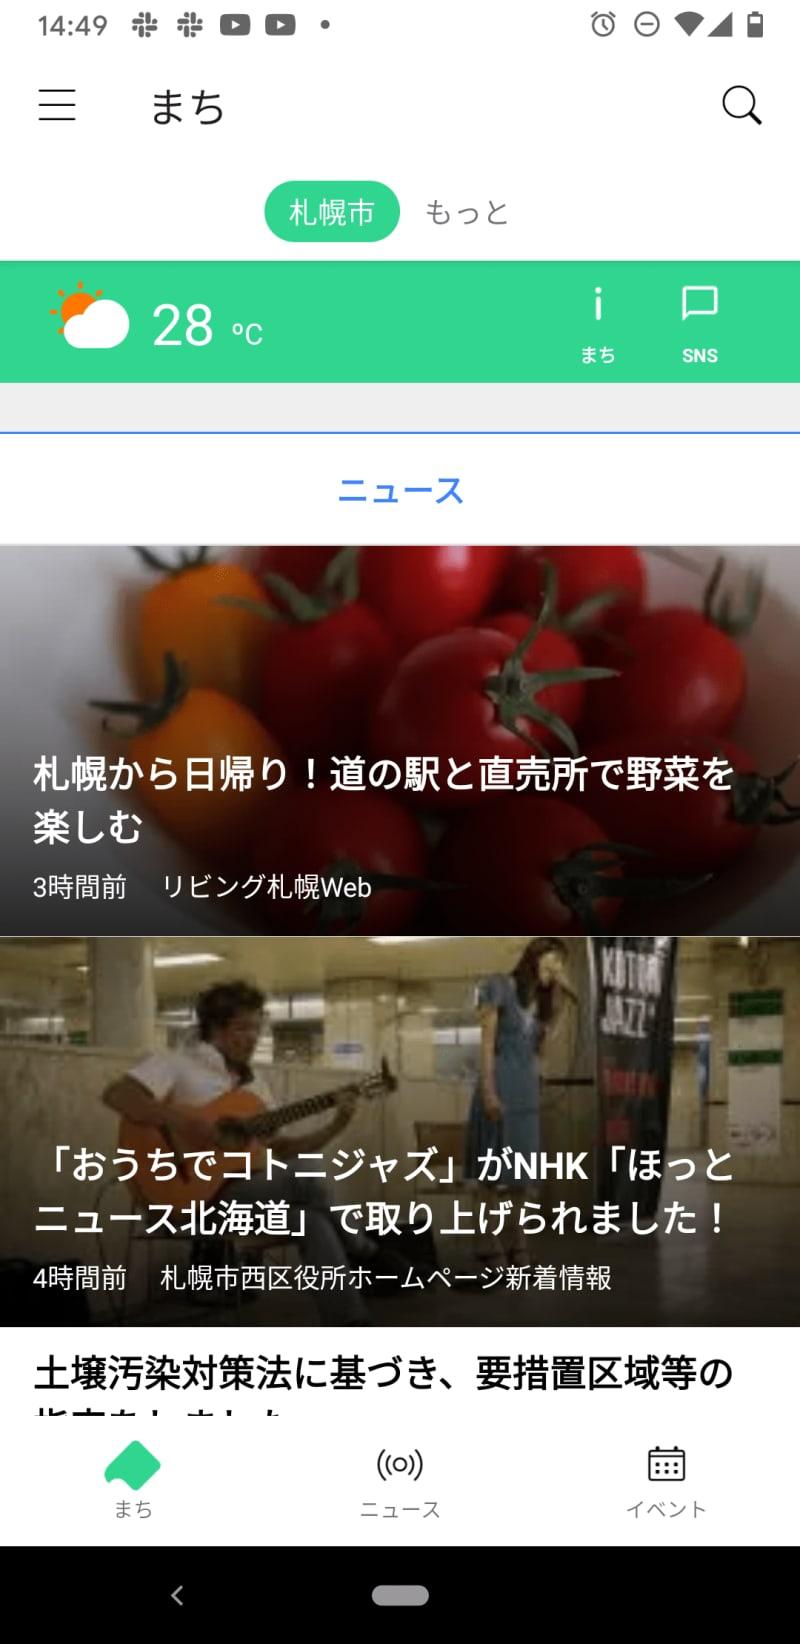 「Domingo」アプリでキュレートされている「リビング札幌Web」